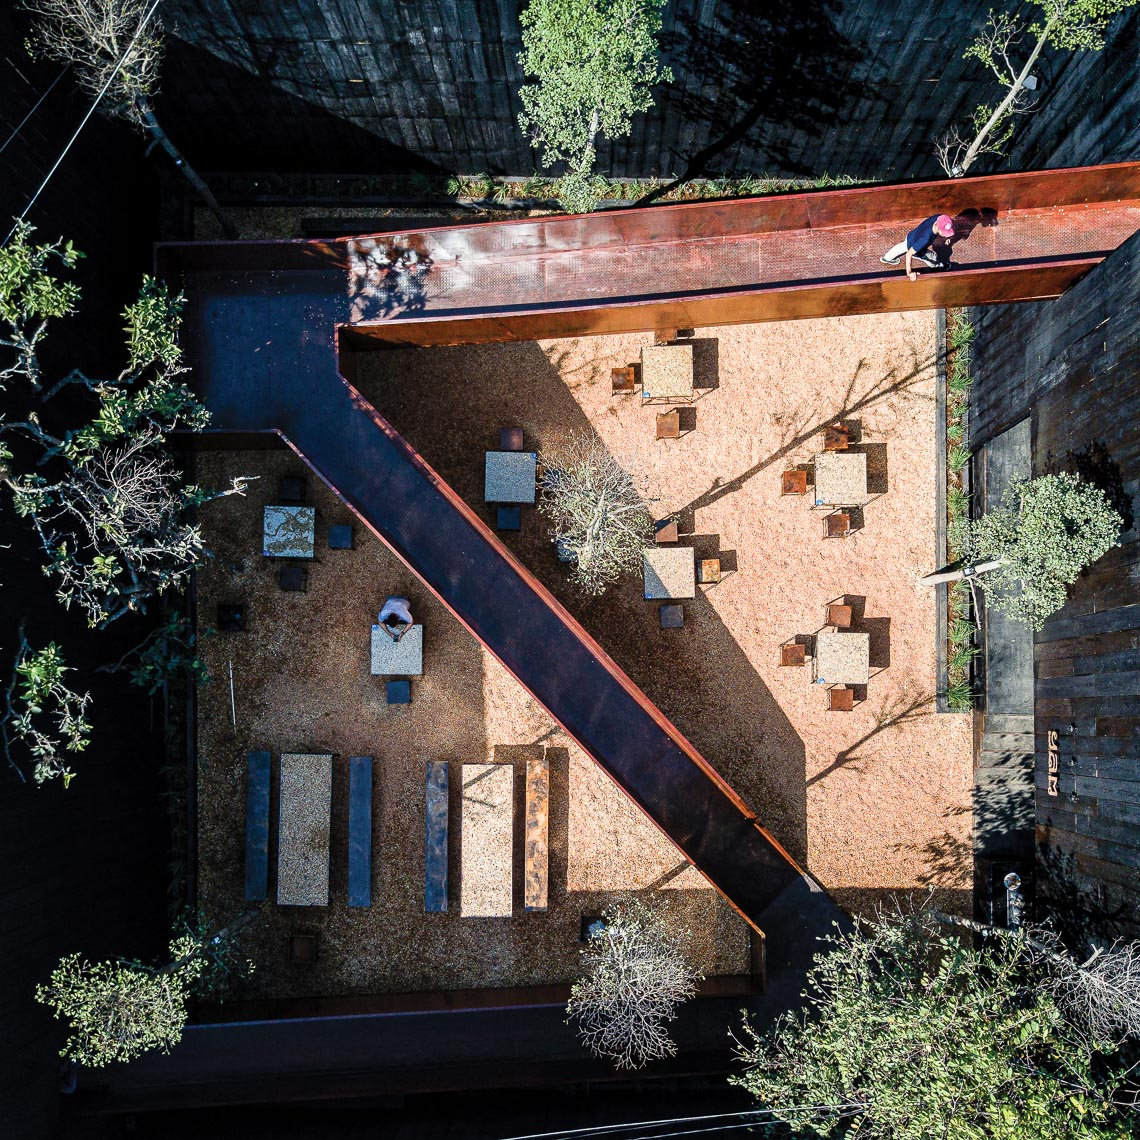 Nhà hàng Yam - Kể chuyện bằng kiến trúc-10